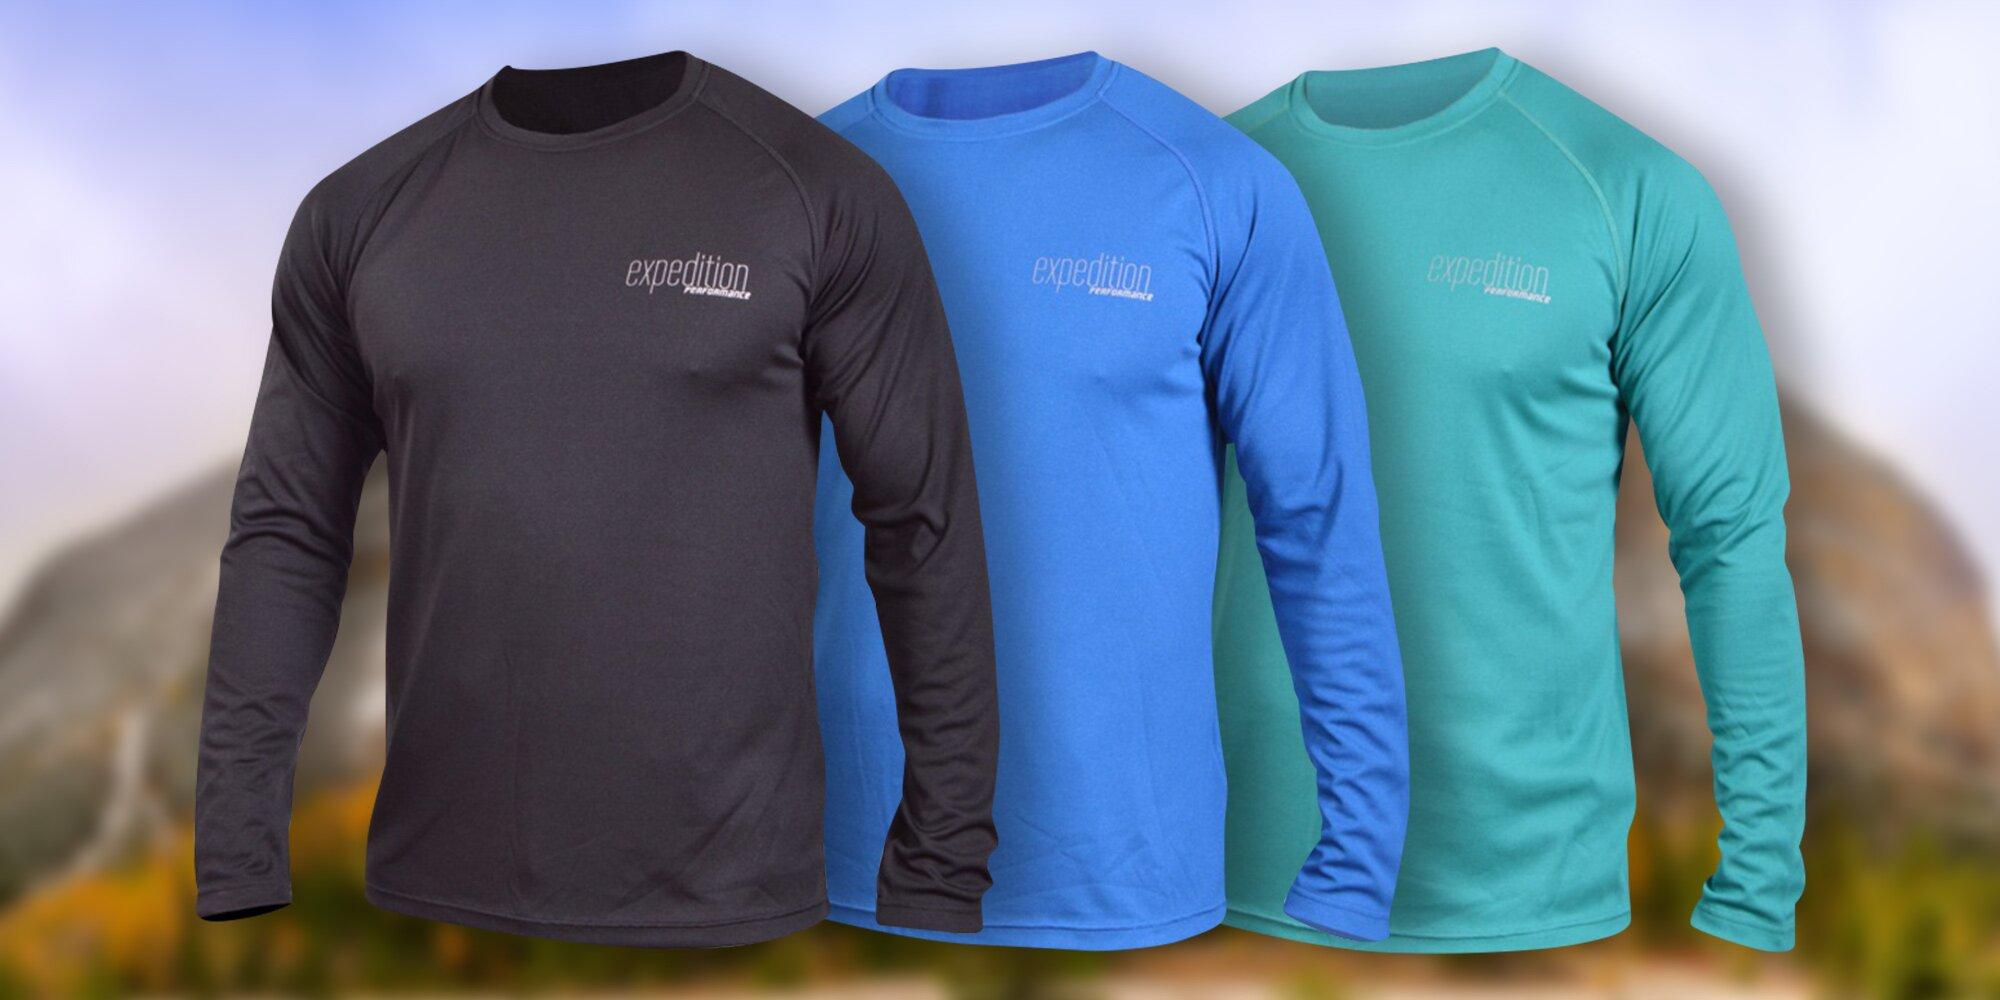 fedfc441cef Pánská outdoorová trička Northfinder